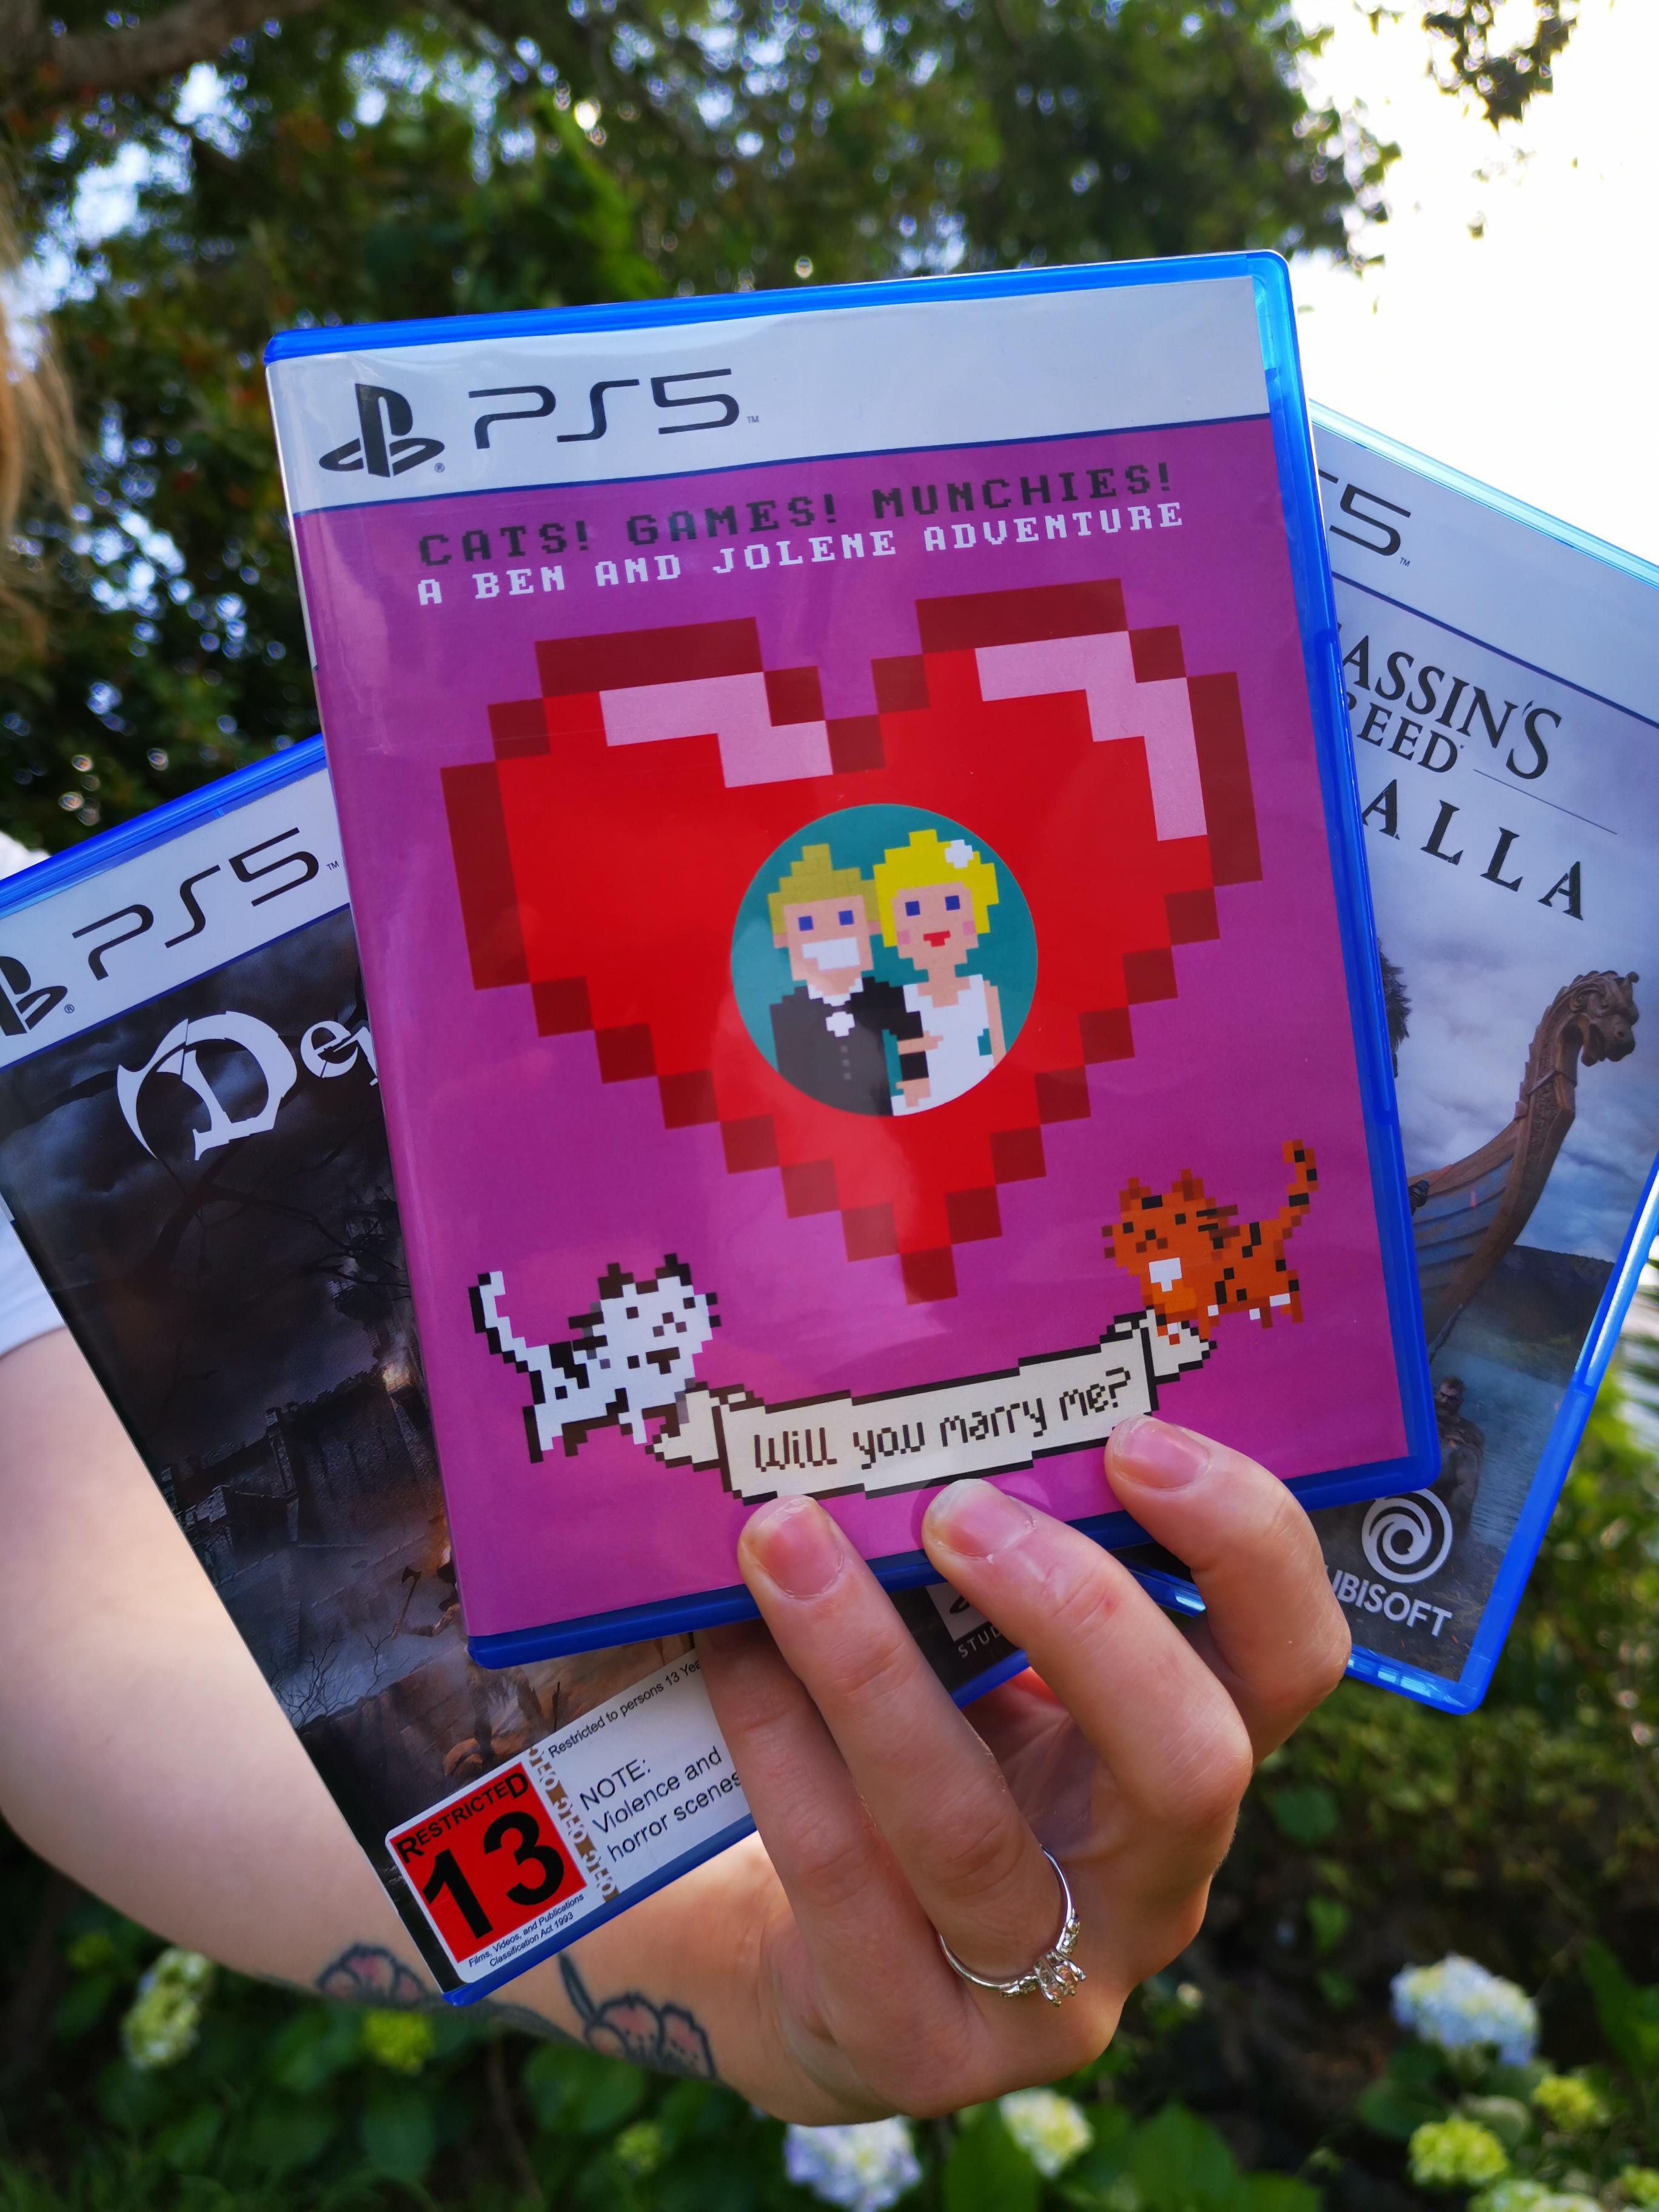 真让人头大!竟有老外选择用PS5进行求婚